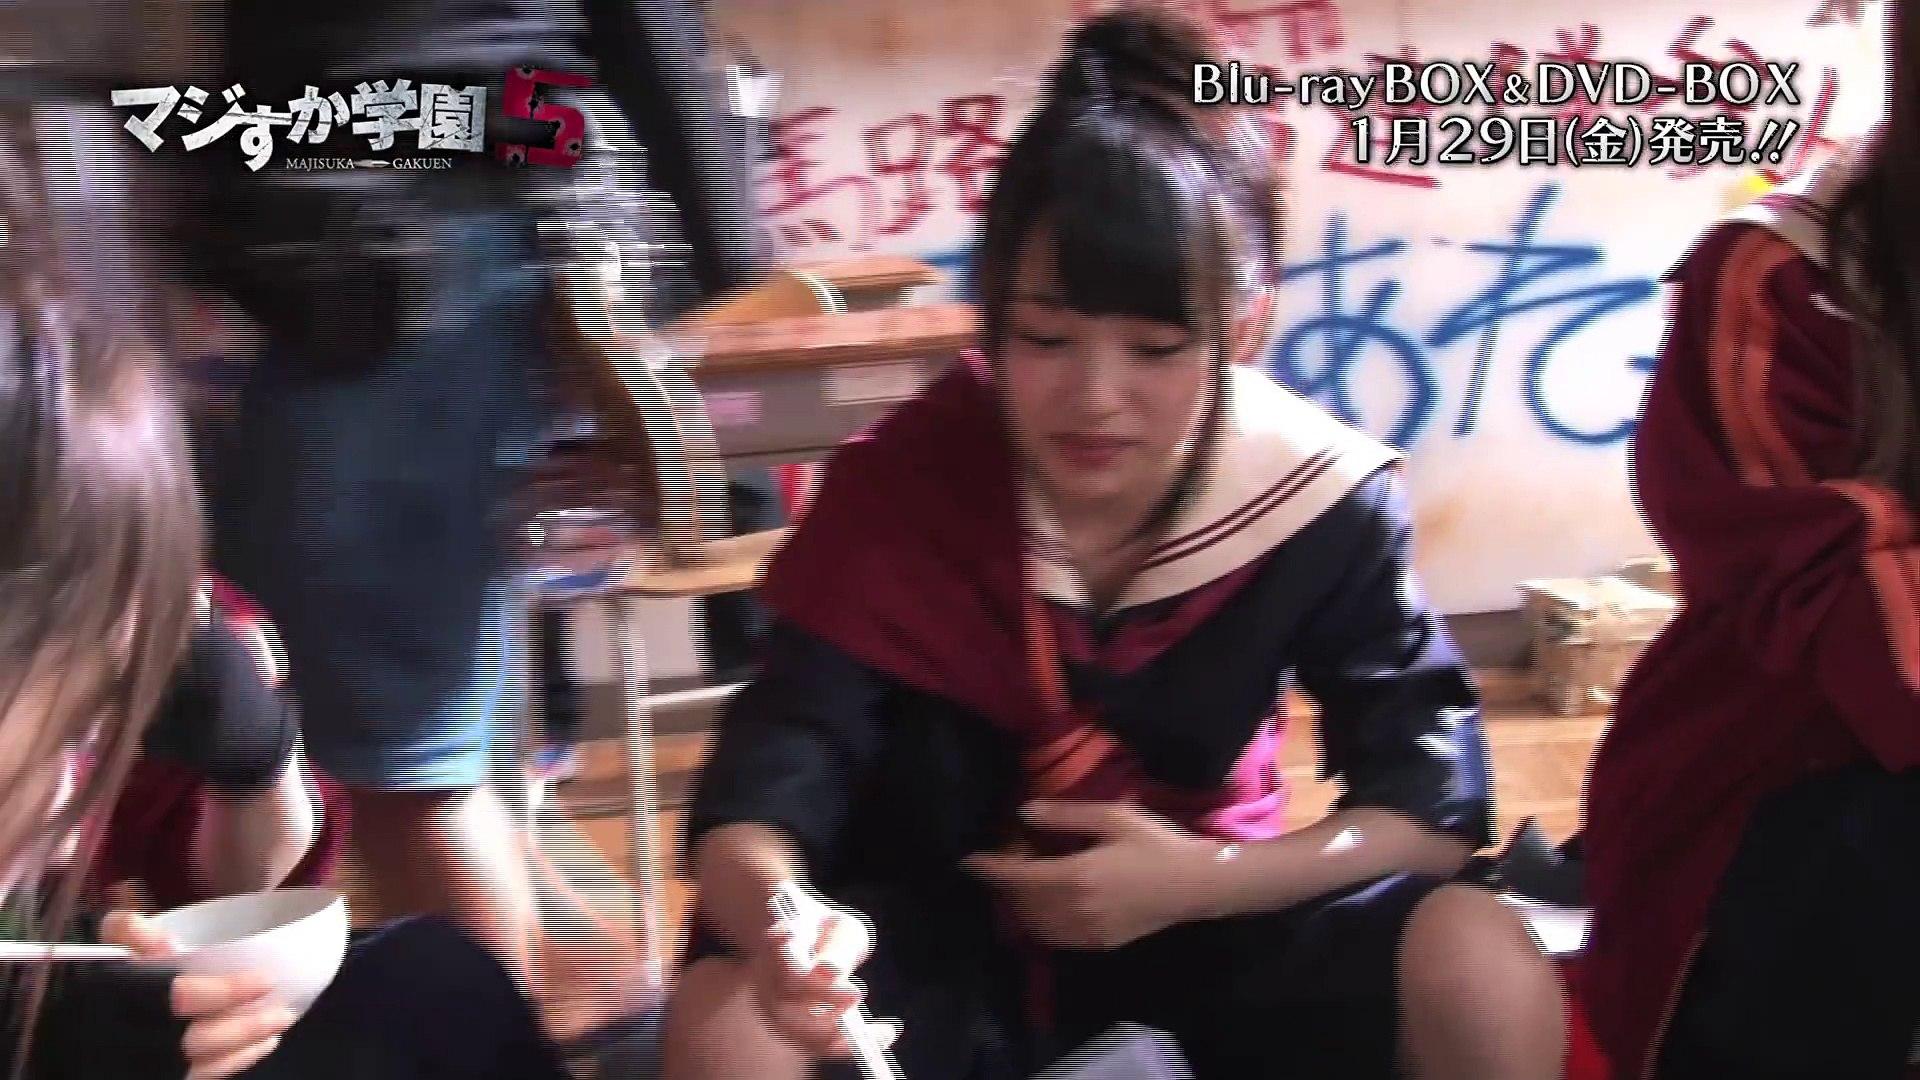 マジすか学園5 Dvd Blu Ray発売 Akb48 公式 Video Dailymotion